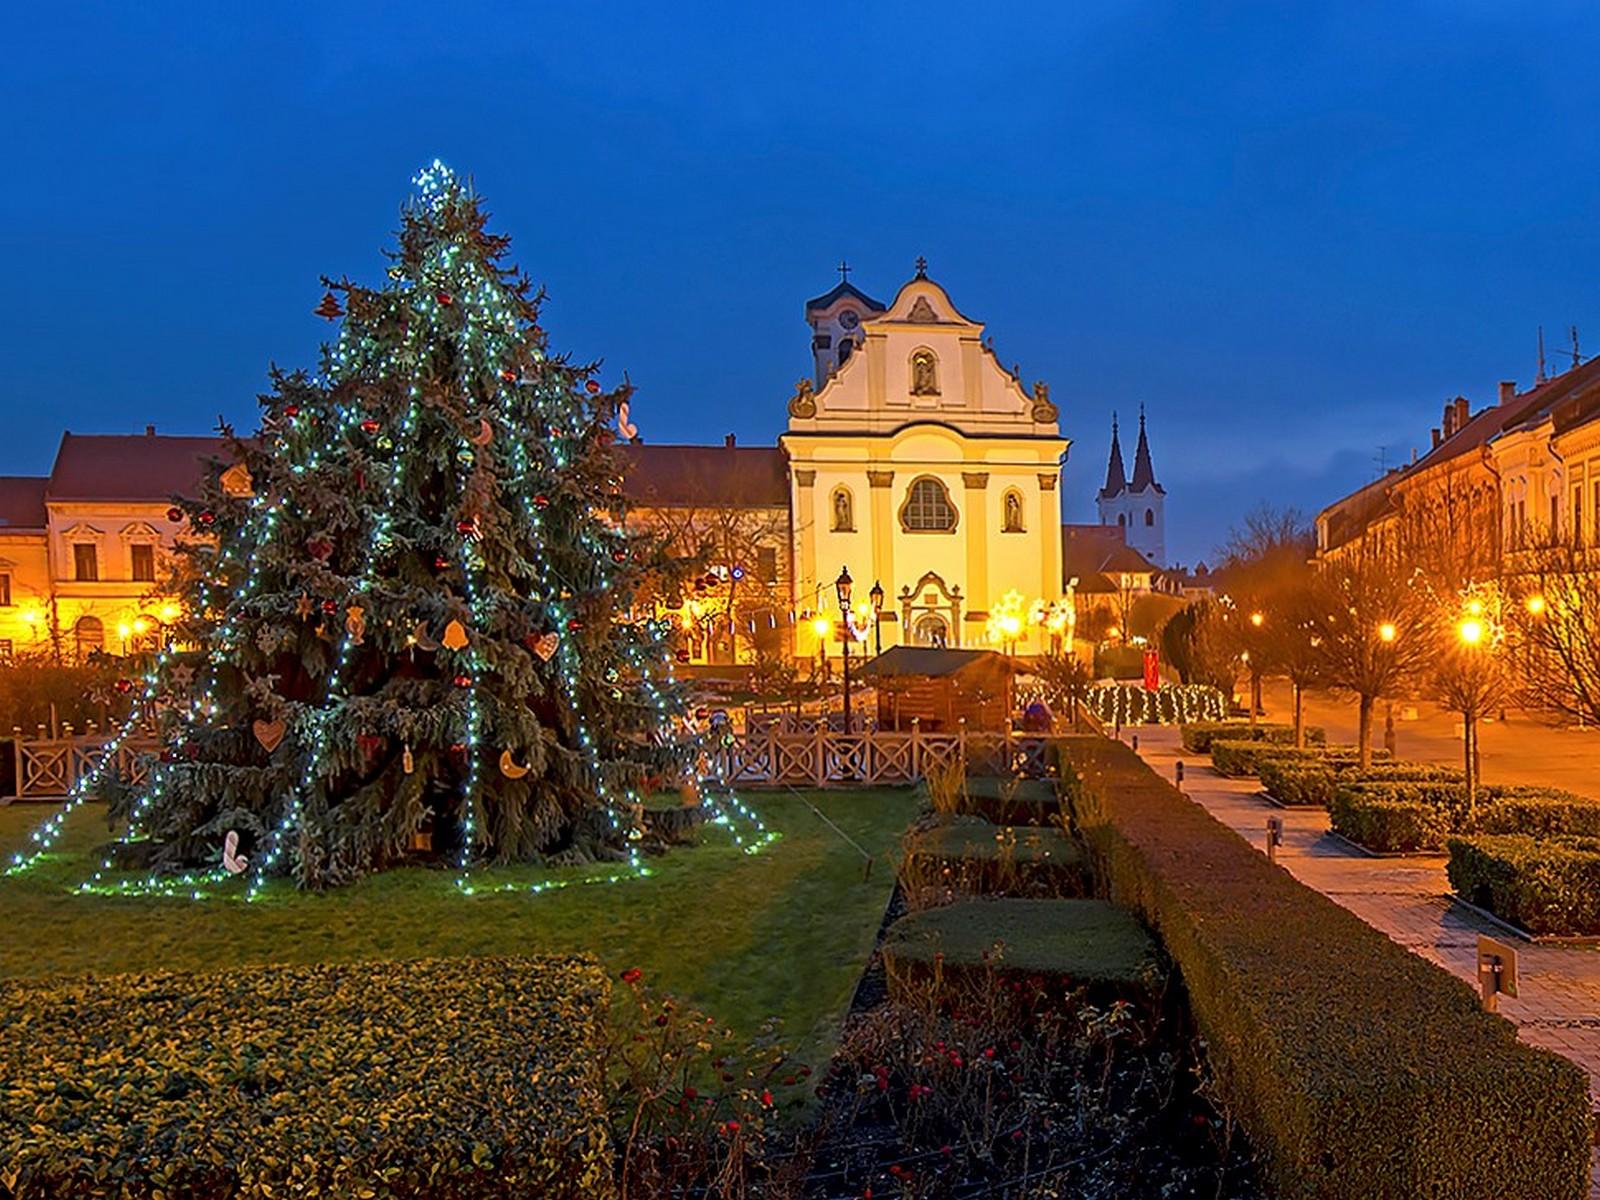 Az ön fenyője lehet a Város Karácsonyfája